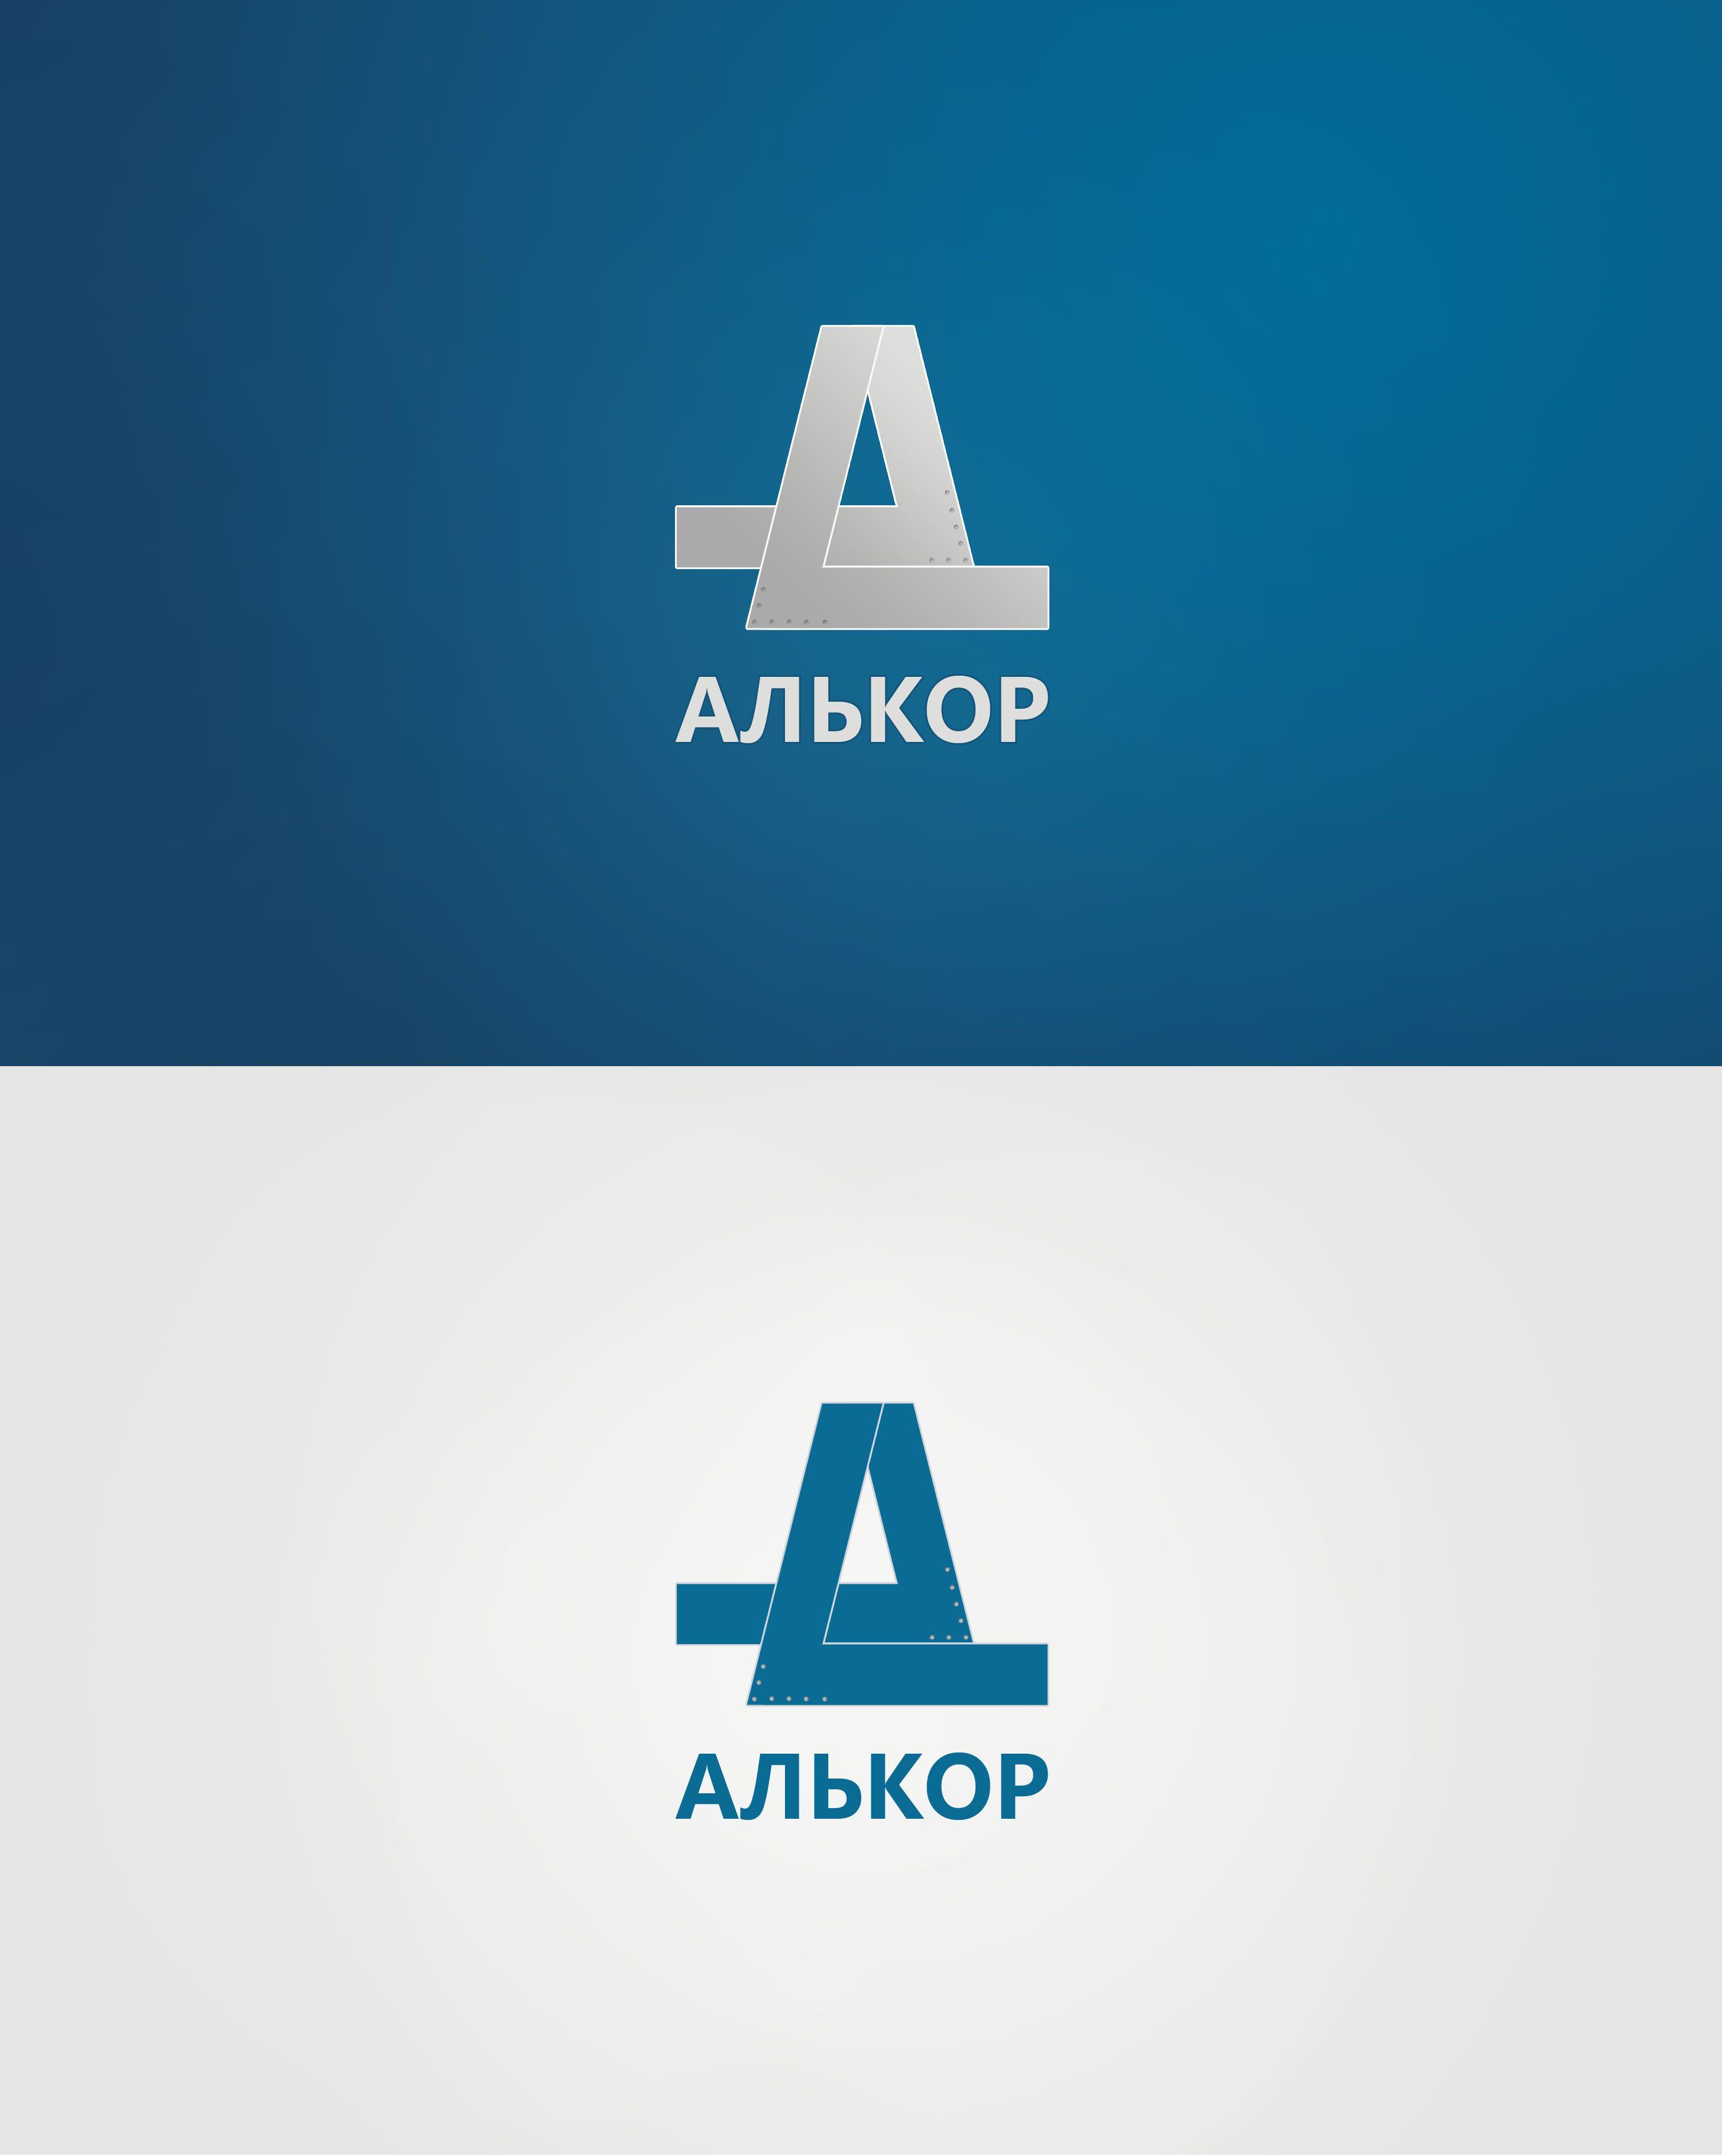 Логотип и фир.стиль для строительной организации - дизайнер weste32